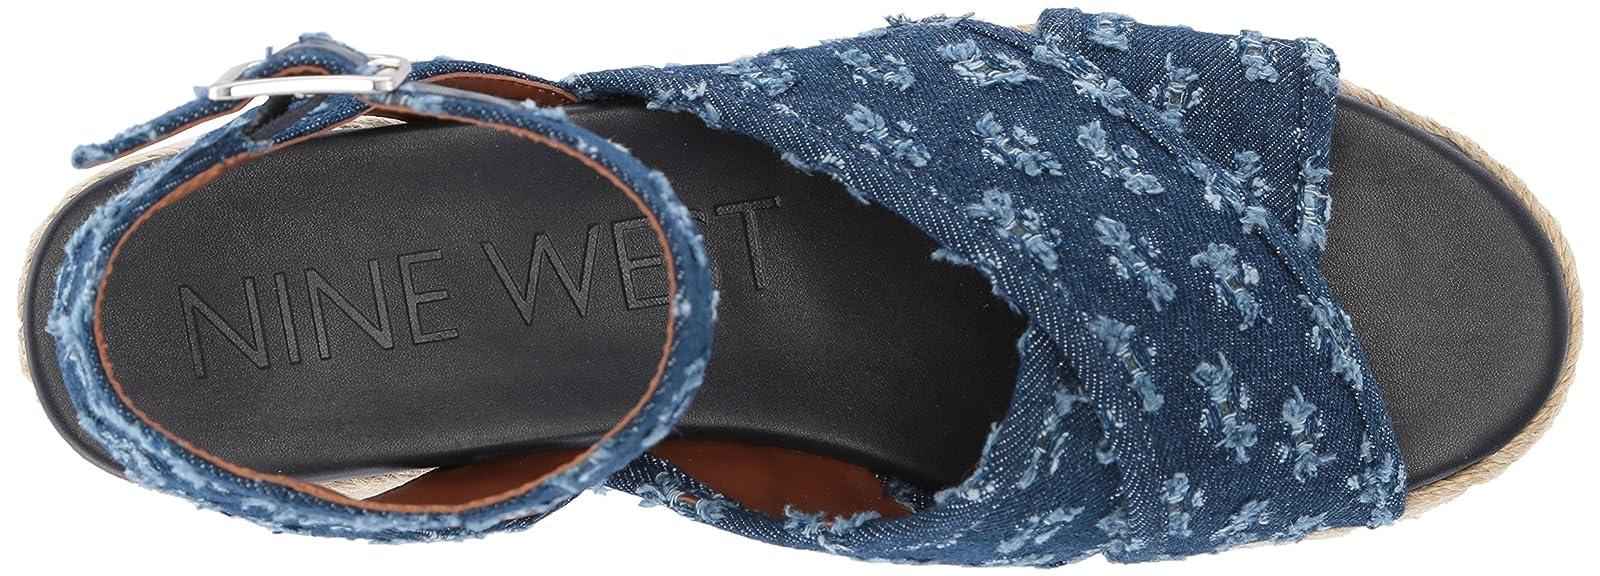 09d1ed19aa32 ... Nine West Women s SHOWRUNNER Denim Sandal 9 M US - 7 ...